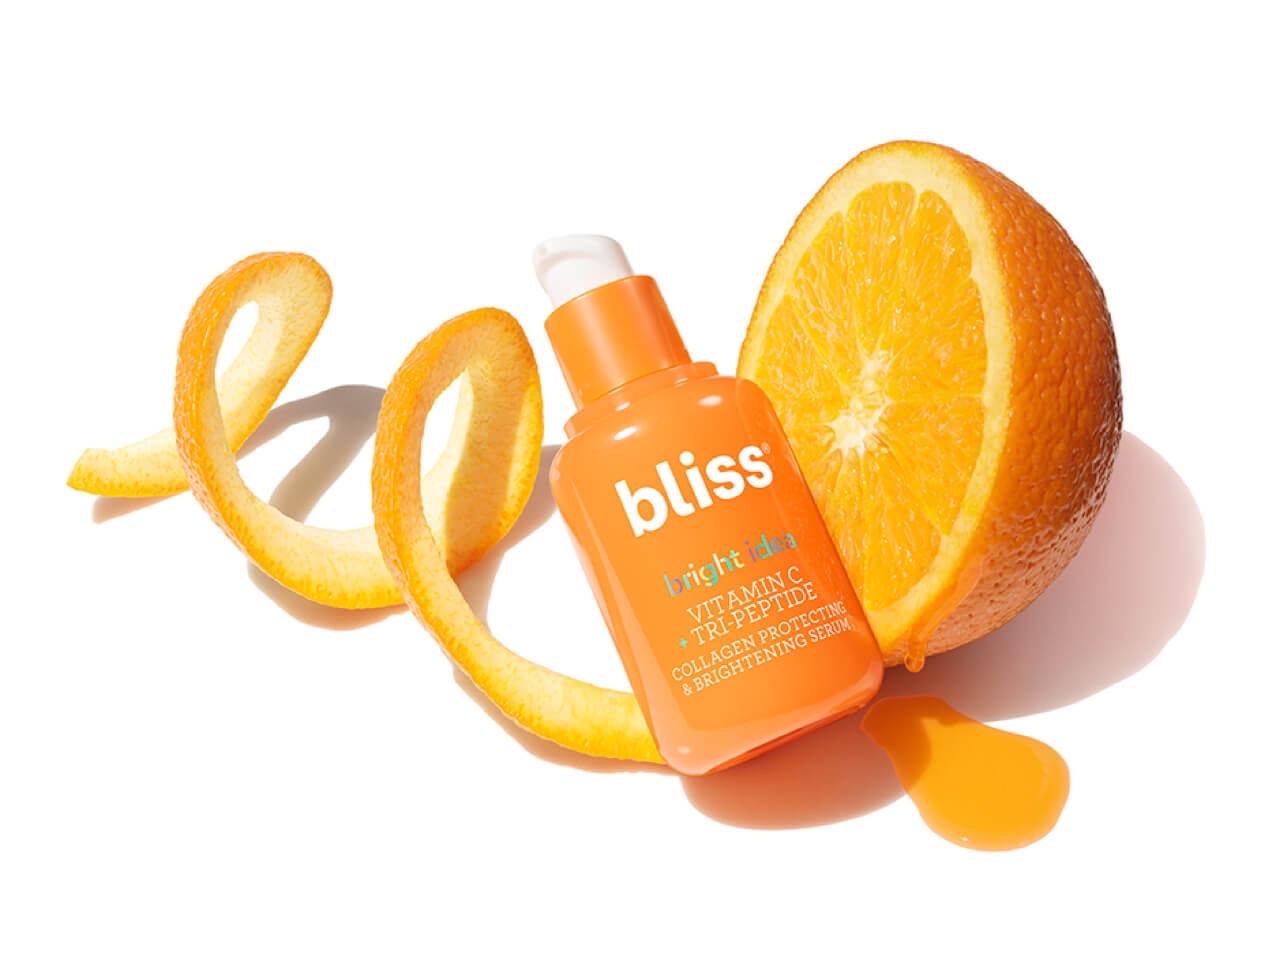 Bliss - Vitamin C Skincare: Skin Brightening Serum, Eye Cream & More | Bliss